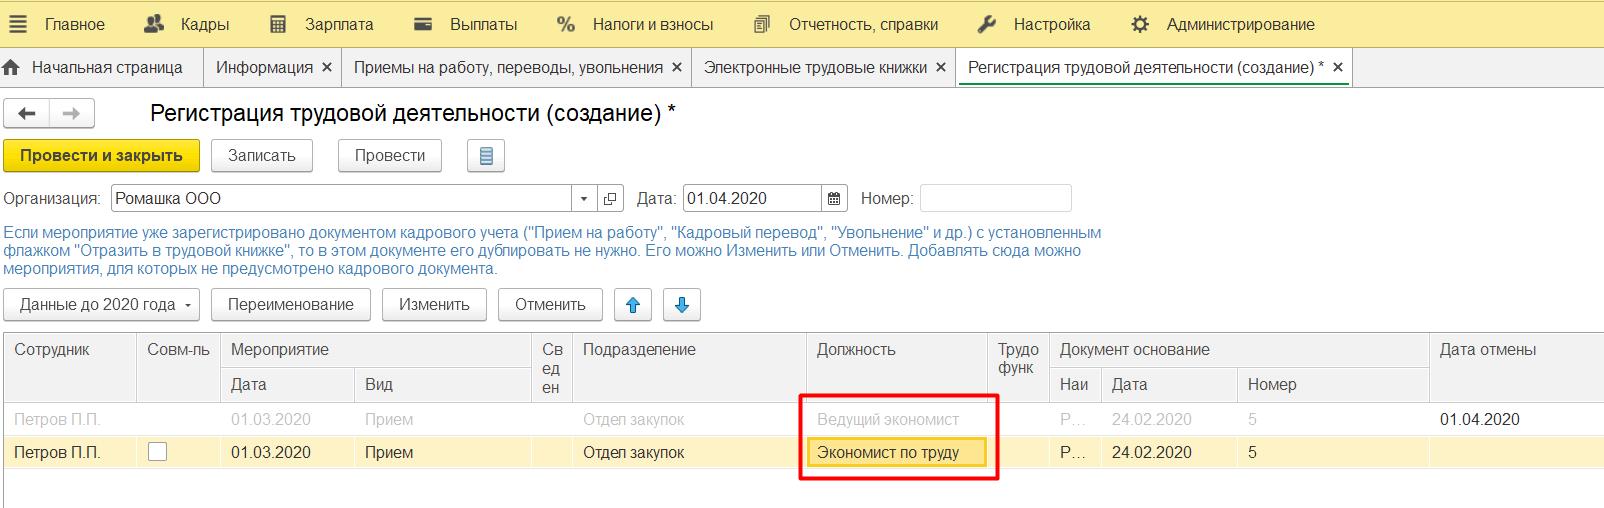 Регистрация трудовой деятельности 1С